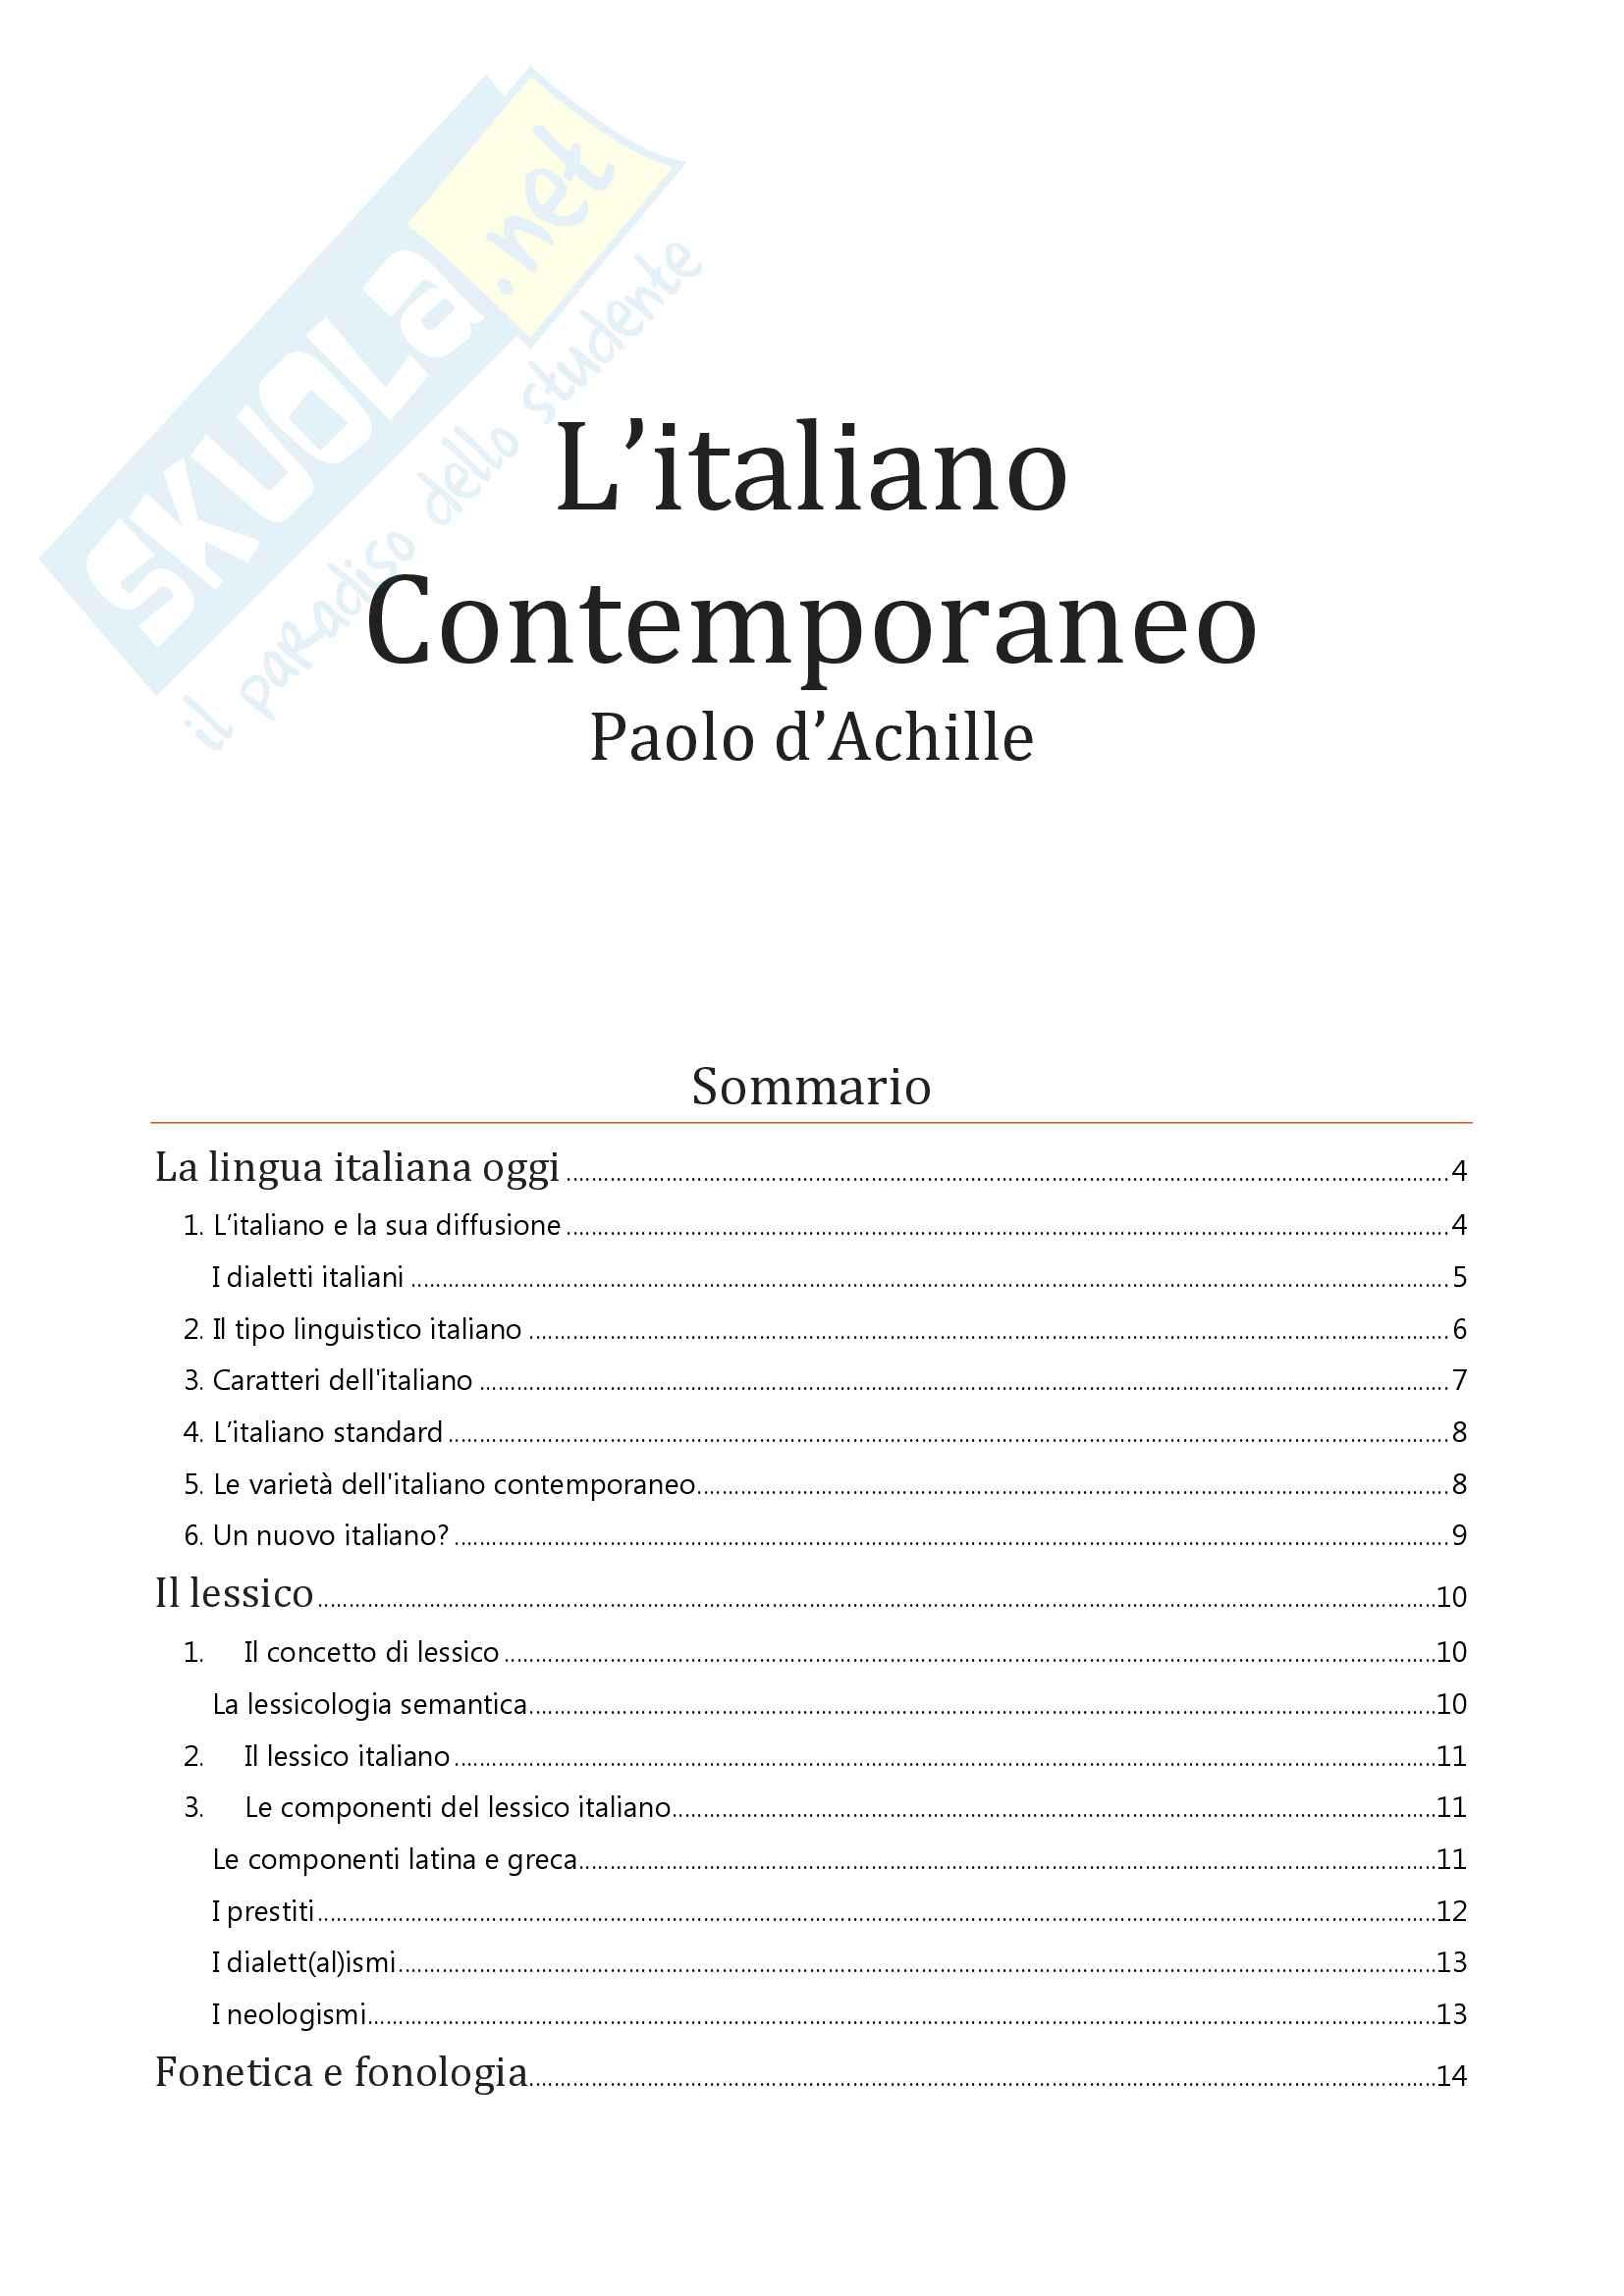 Riassunto esame Lingua e Letteratura Italiana, prof. Troiano, libro consigliato L'Italiano Contemporaneo, D'Achille